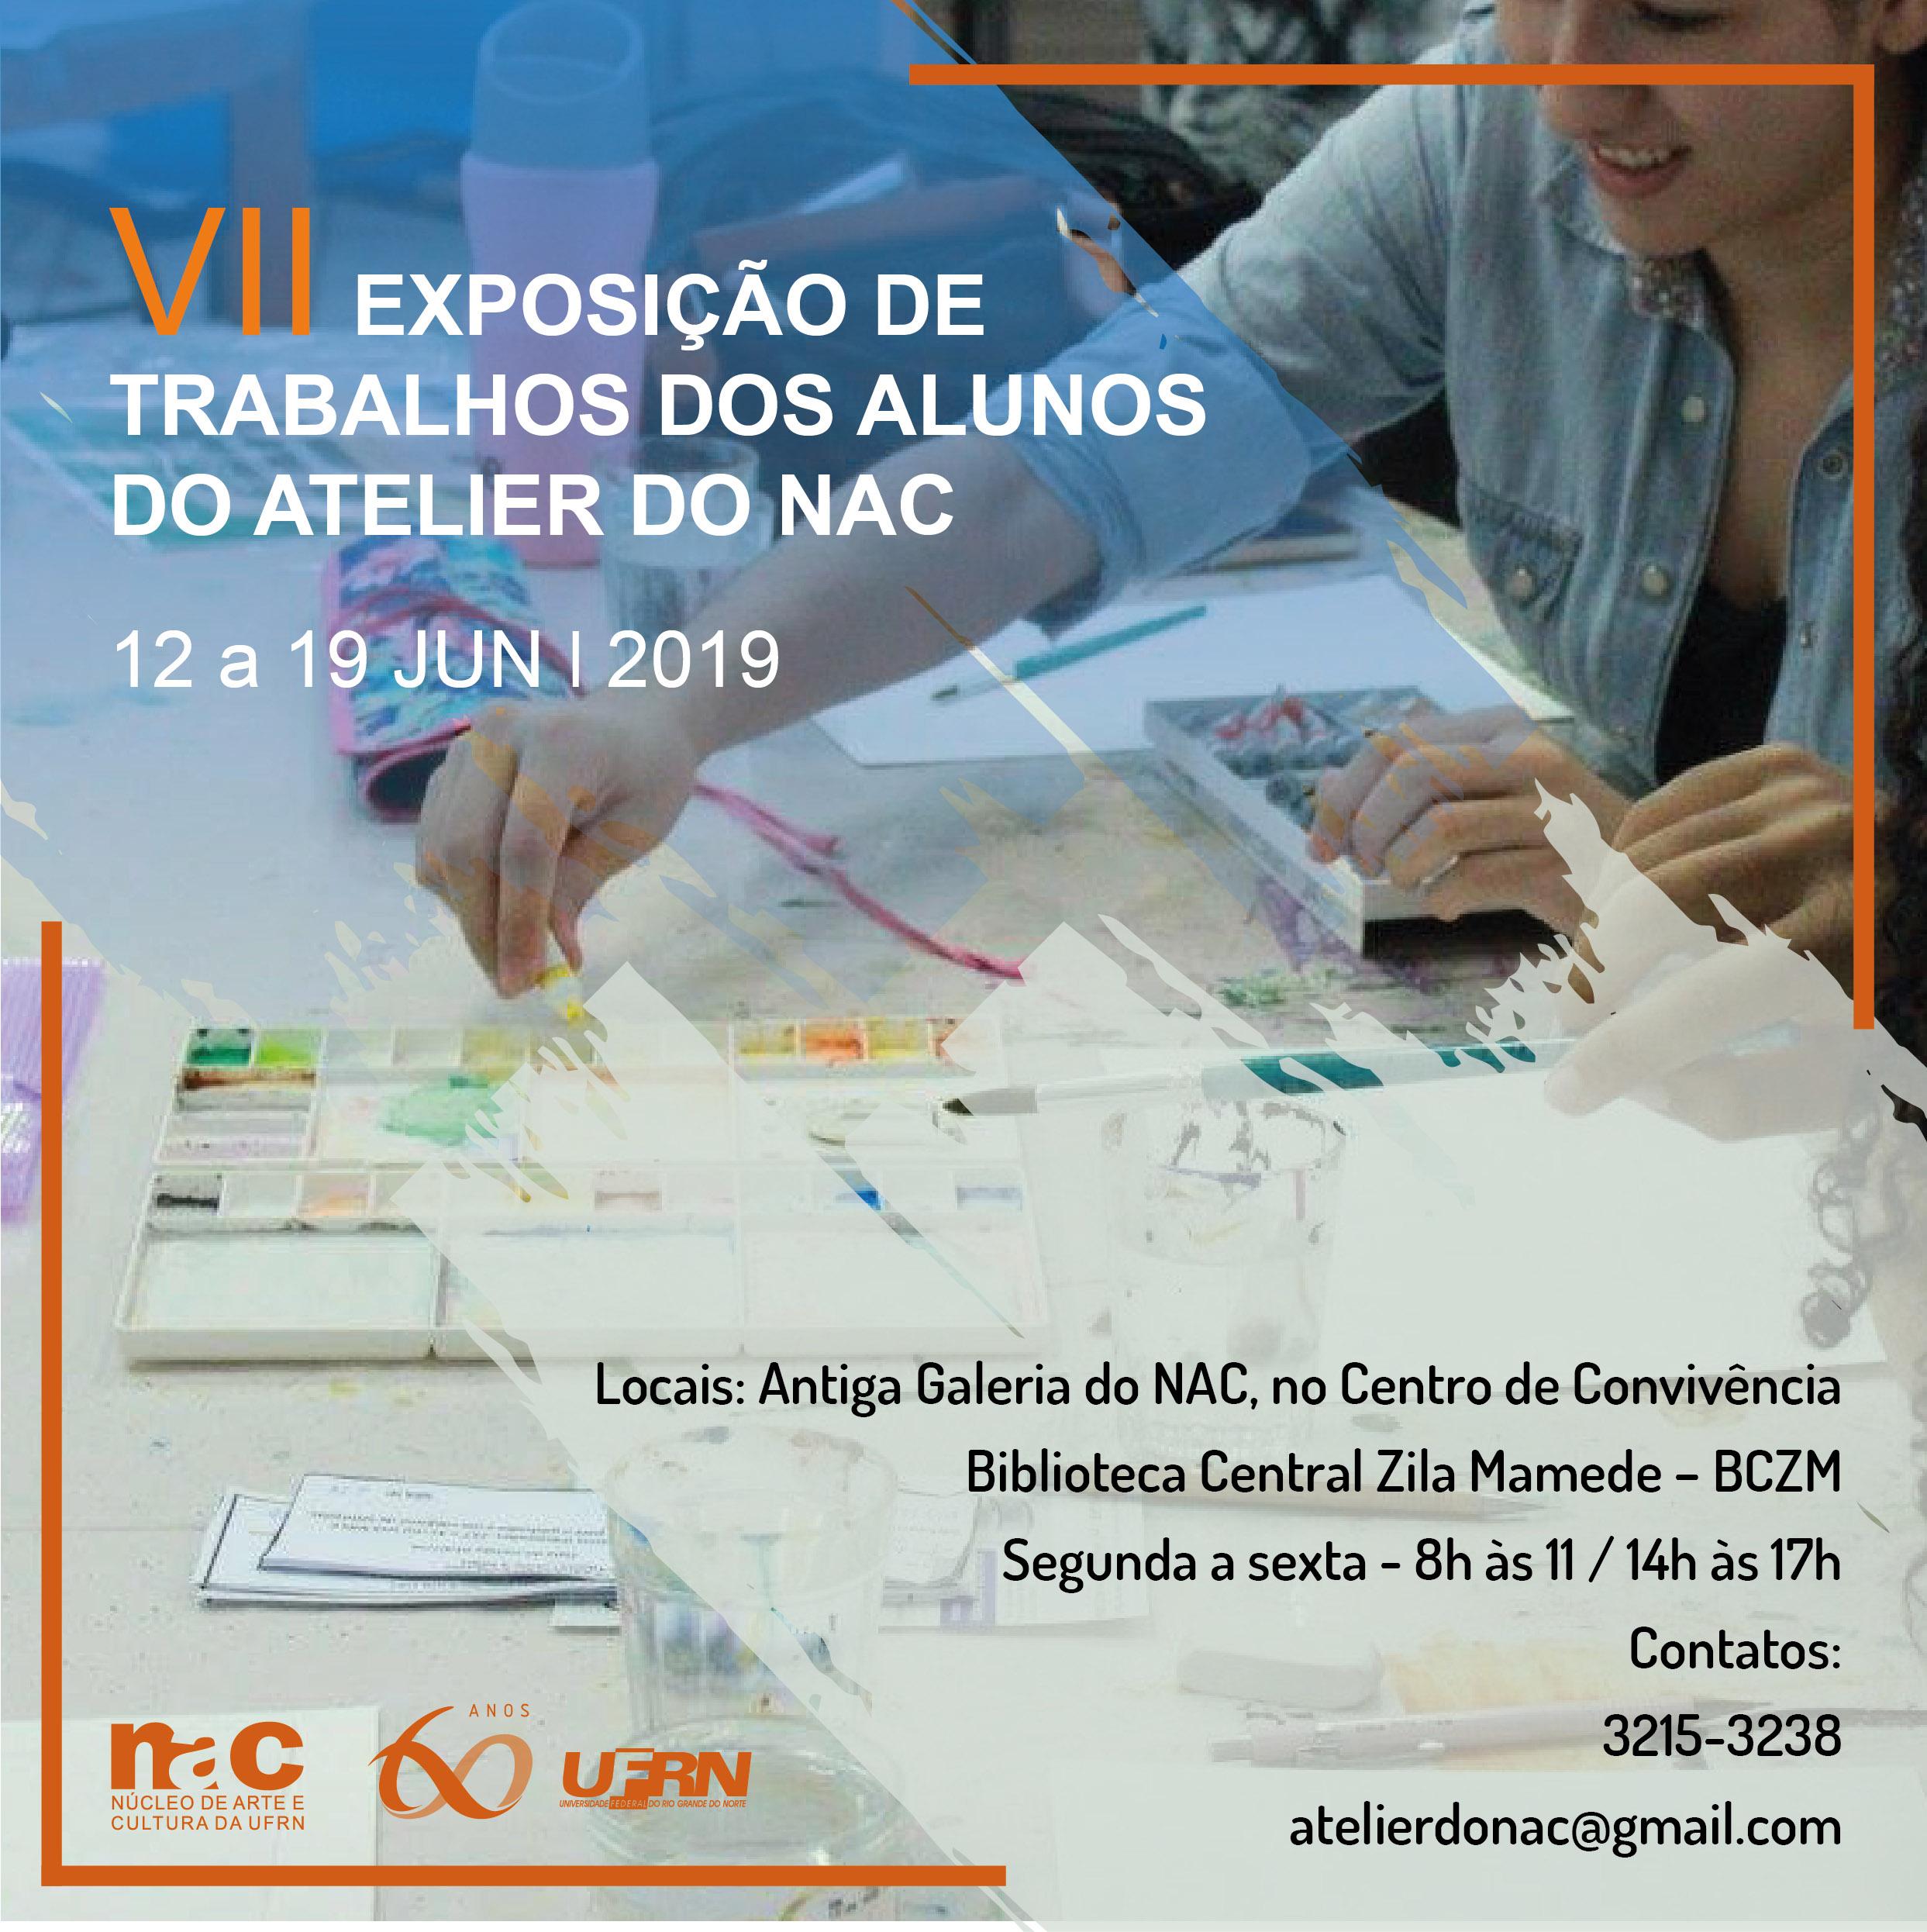 Exposição de trabalhos dos alunos do Atelier de Artes do NAC. De 12 a 19 de junho de 2019.